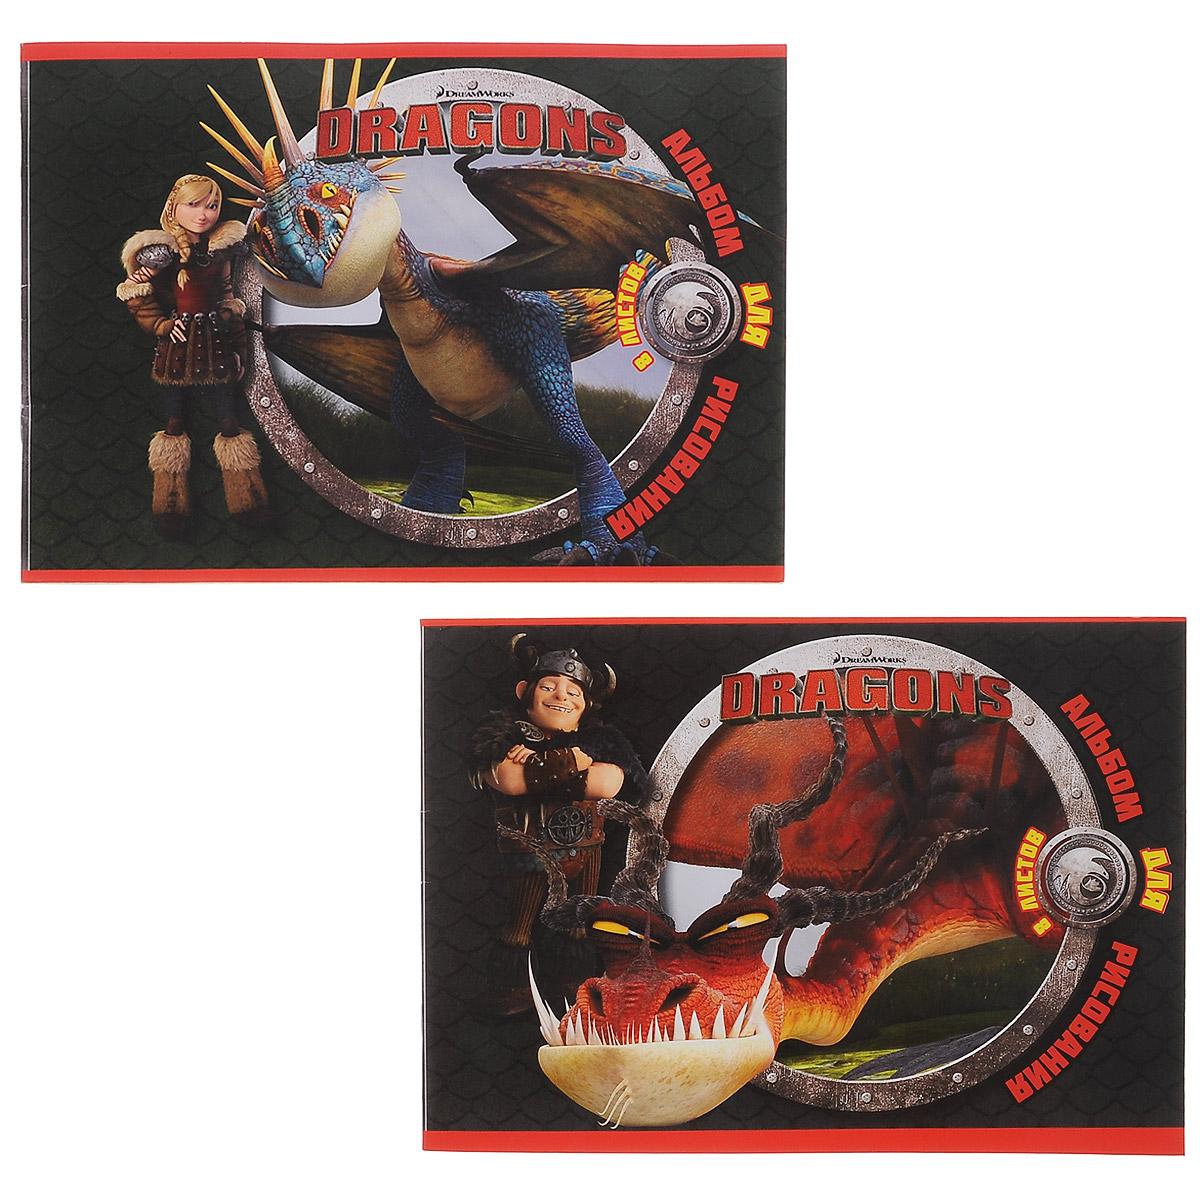 Набор альбомов для рисования Action! Dragons, 8 листов, 2 шт72523WDАльбом для рисования Action! Dragons порадует маленького художника и вдохновит его на творчество. Набор включает в себя 2 альбома, в каждом из которых по 8 листов белой бумаги. Высокое качество бумаги позволяет рисовать в альбоме карандашами, фломастерами, акварельными и гуашевыми красками. Обложка альбома выполнена из мелованного картона и оформлена изображением героев мультфильма Как приучить дракона. Создание собственных картинок приносит детям настоящее удовольствие. Увлечение изобразительным творчеством носит не только развлекательный характер, а также развивает цветовое восприятие, зрительную память и воображение. Рекомендуемый возраст: от 6 лет.